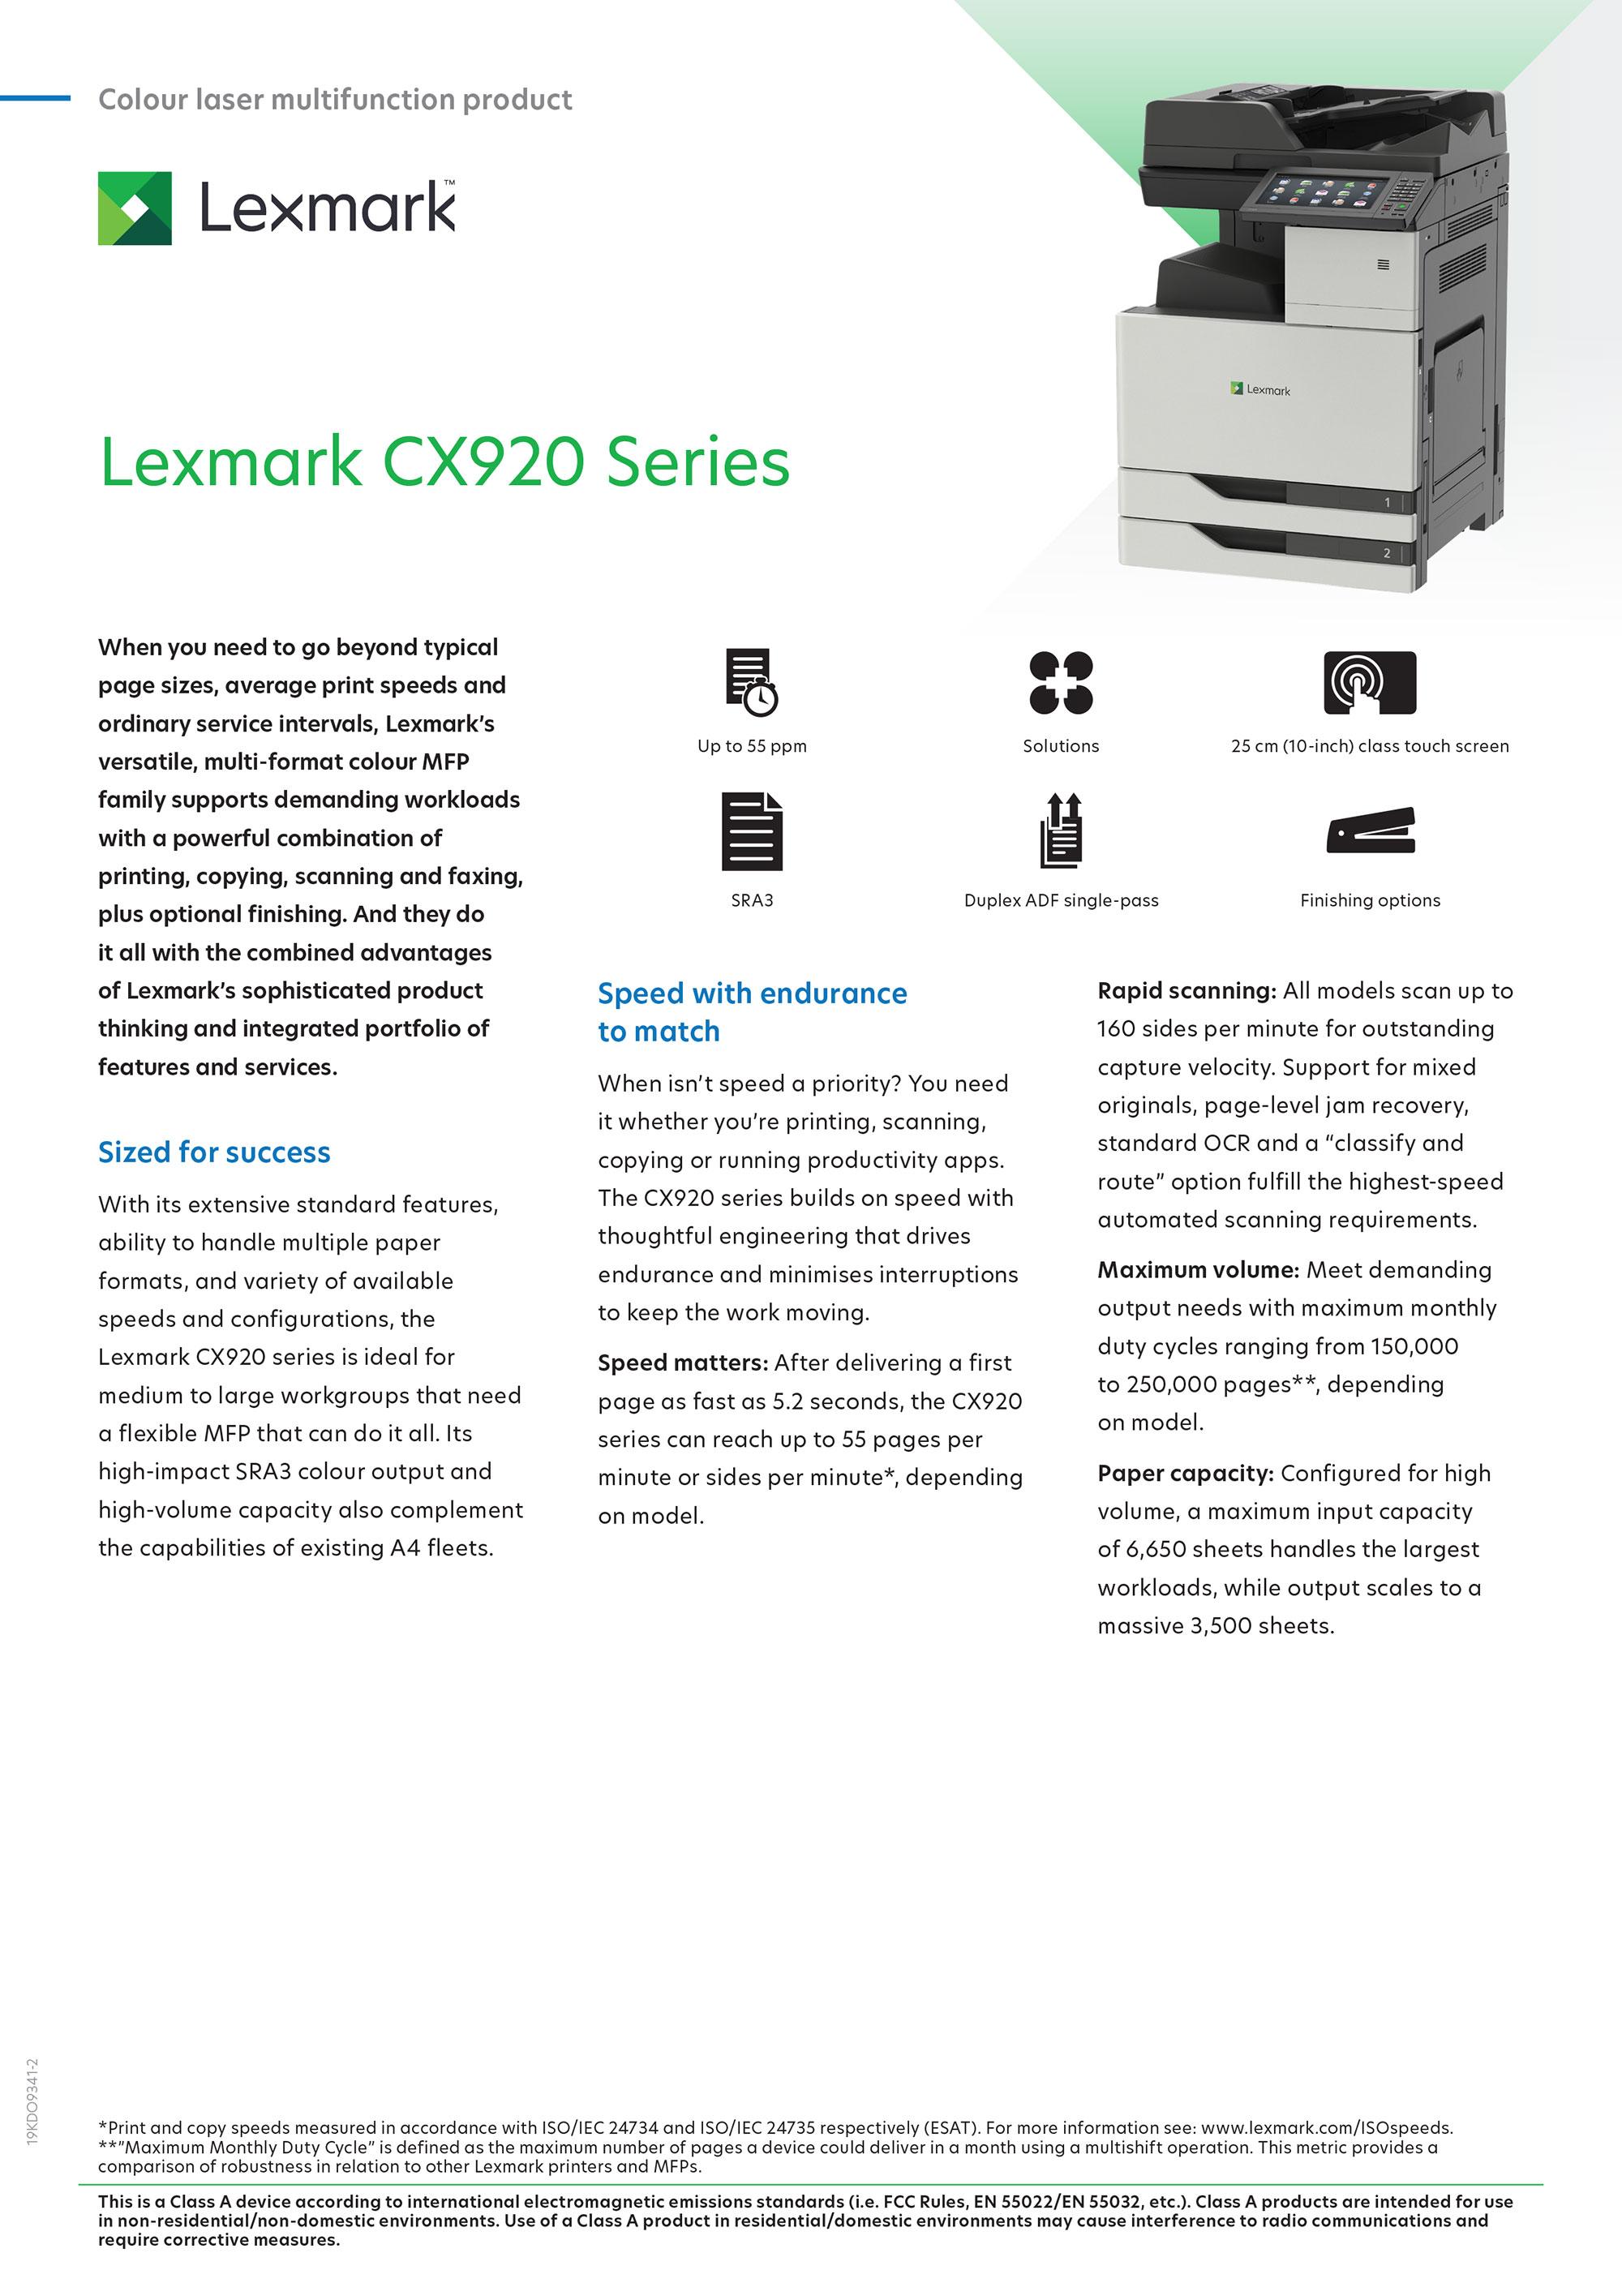 Lexmark CX920